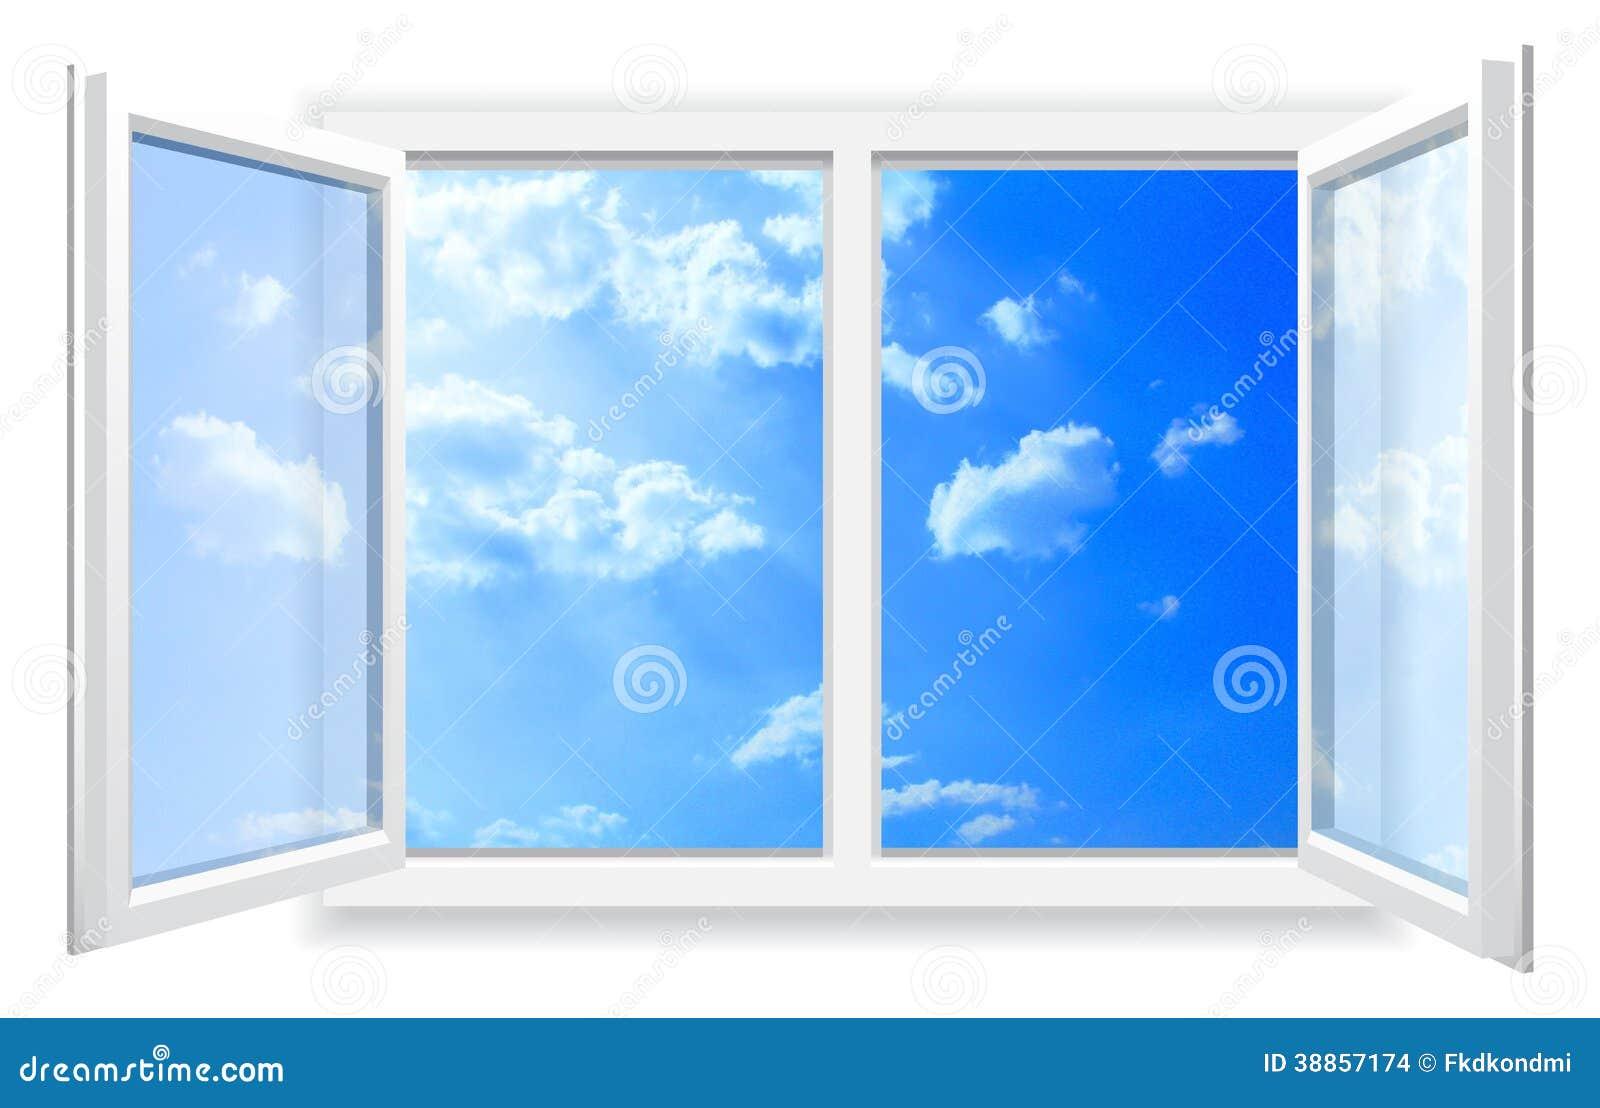 Offenes fenster himmel  Offenes Fenster Und Der Bewölkte Himmel. Stock Abbildung - Bild ...